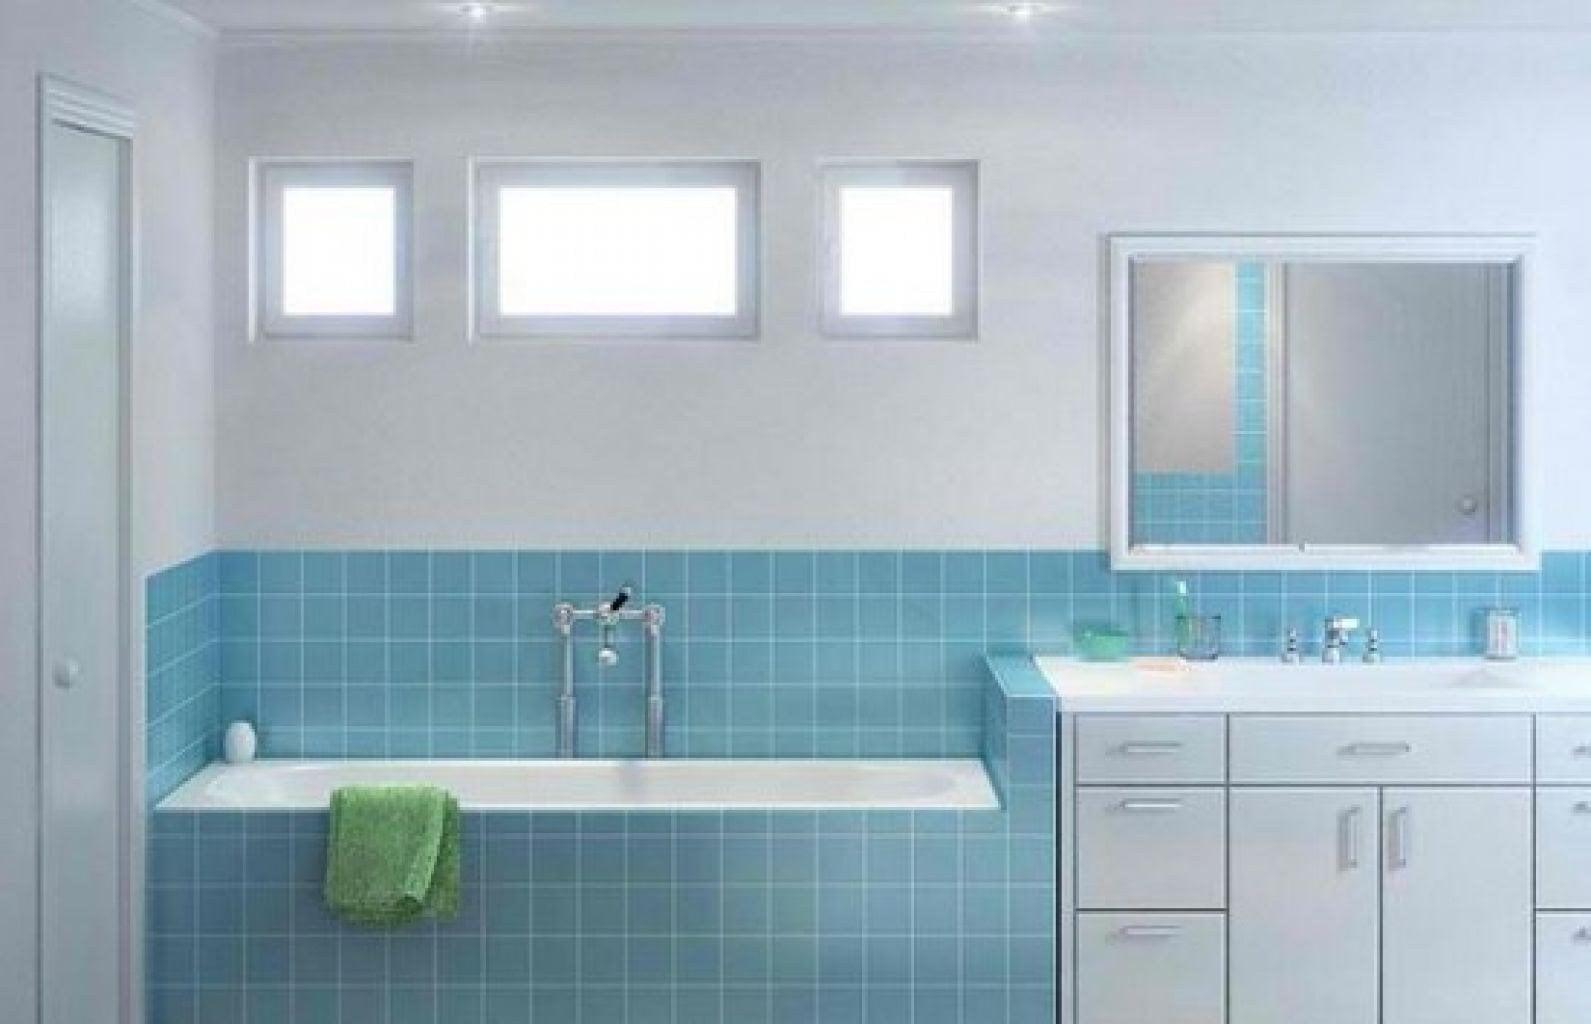 67 Trendy Desain Dapur Kecil Dekat Kamar Mandi Paling Banyak Di Cari Arcadia Design Architect